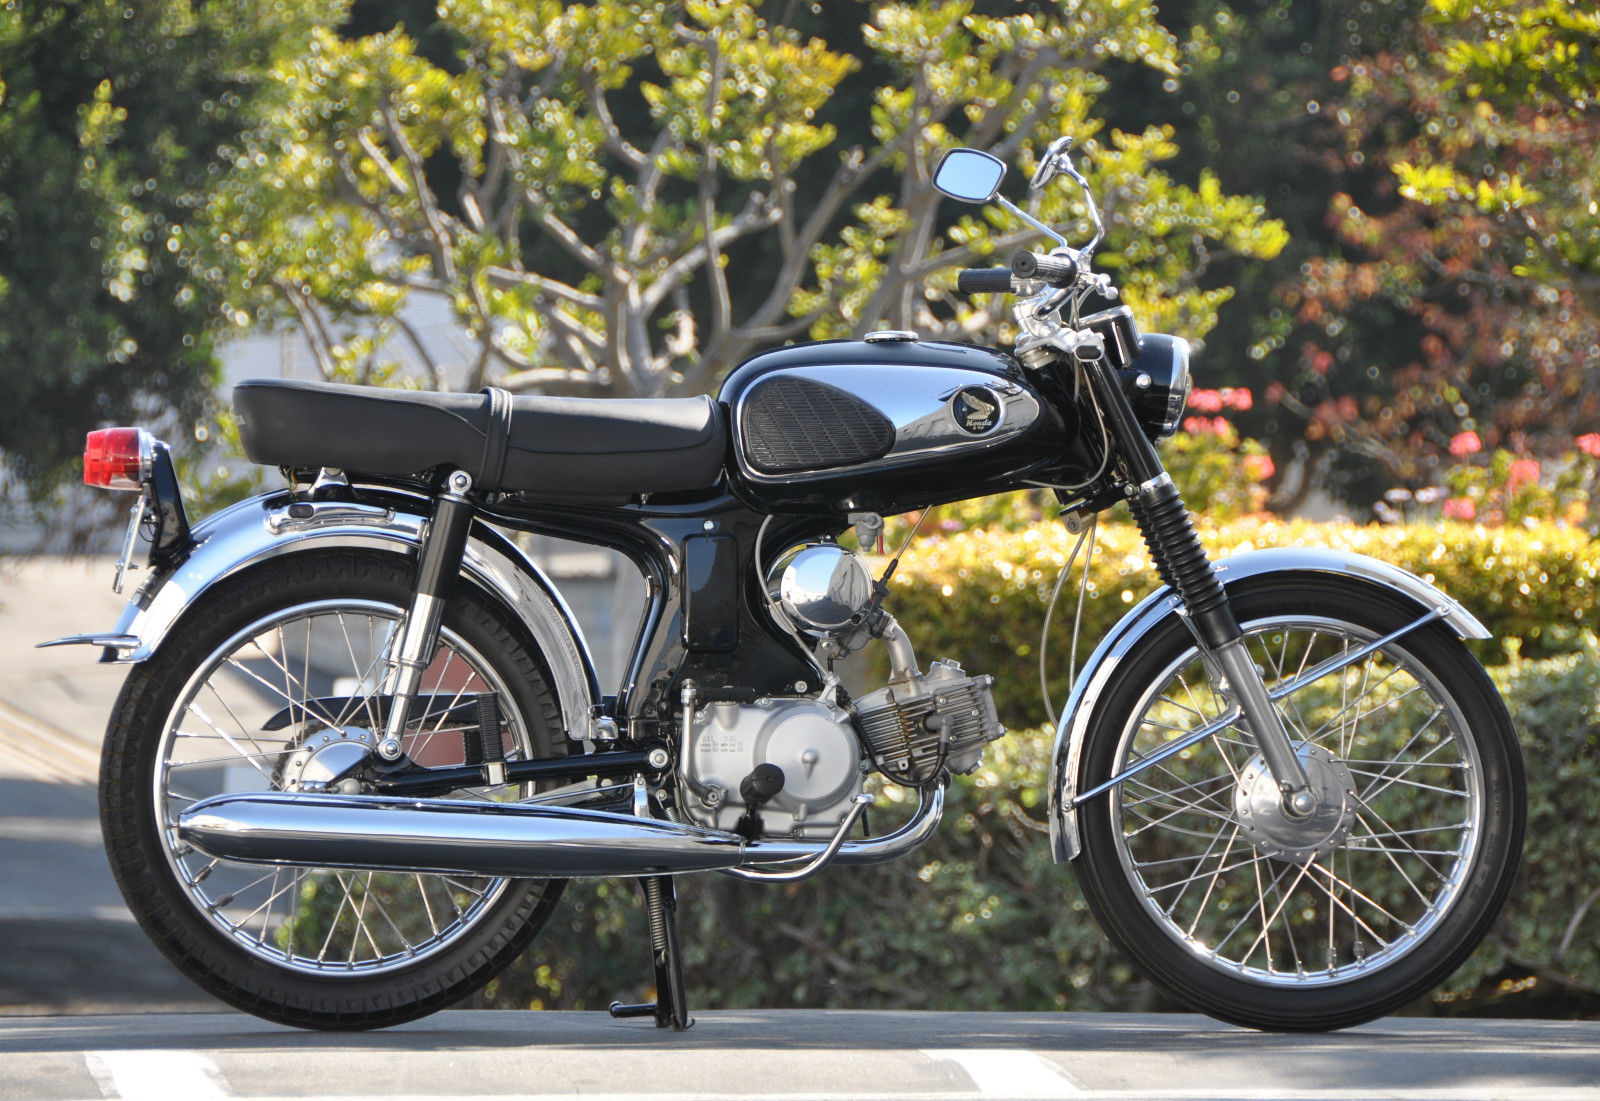 nicest i 39 ve seen 1968 honda s90 bike urious. Black Bedroom Furniture Sets. Home Design Ideas